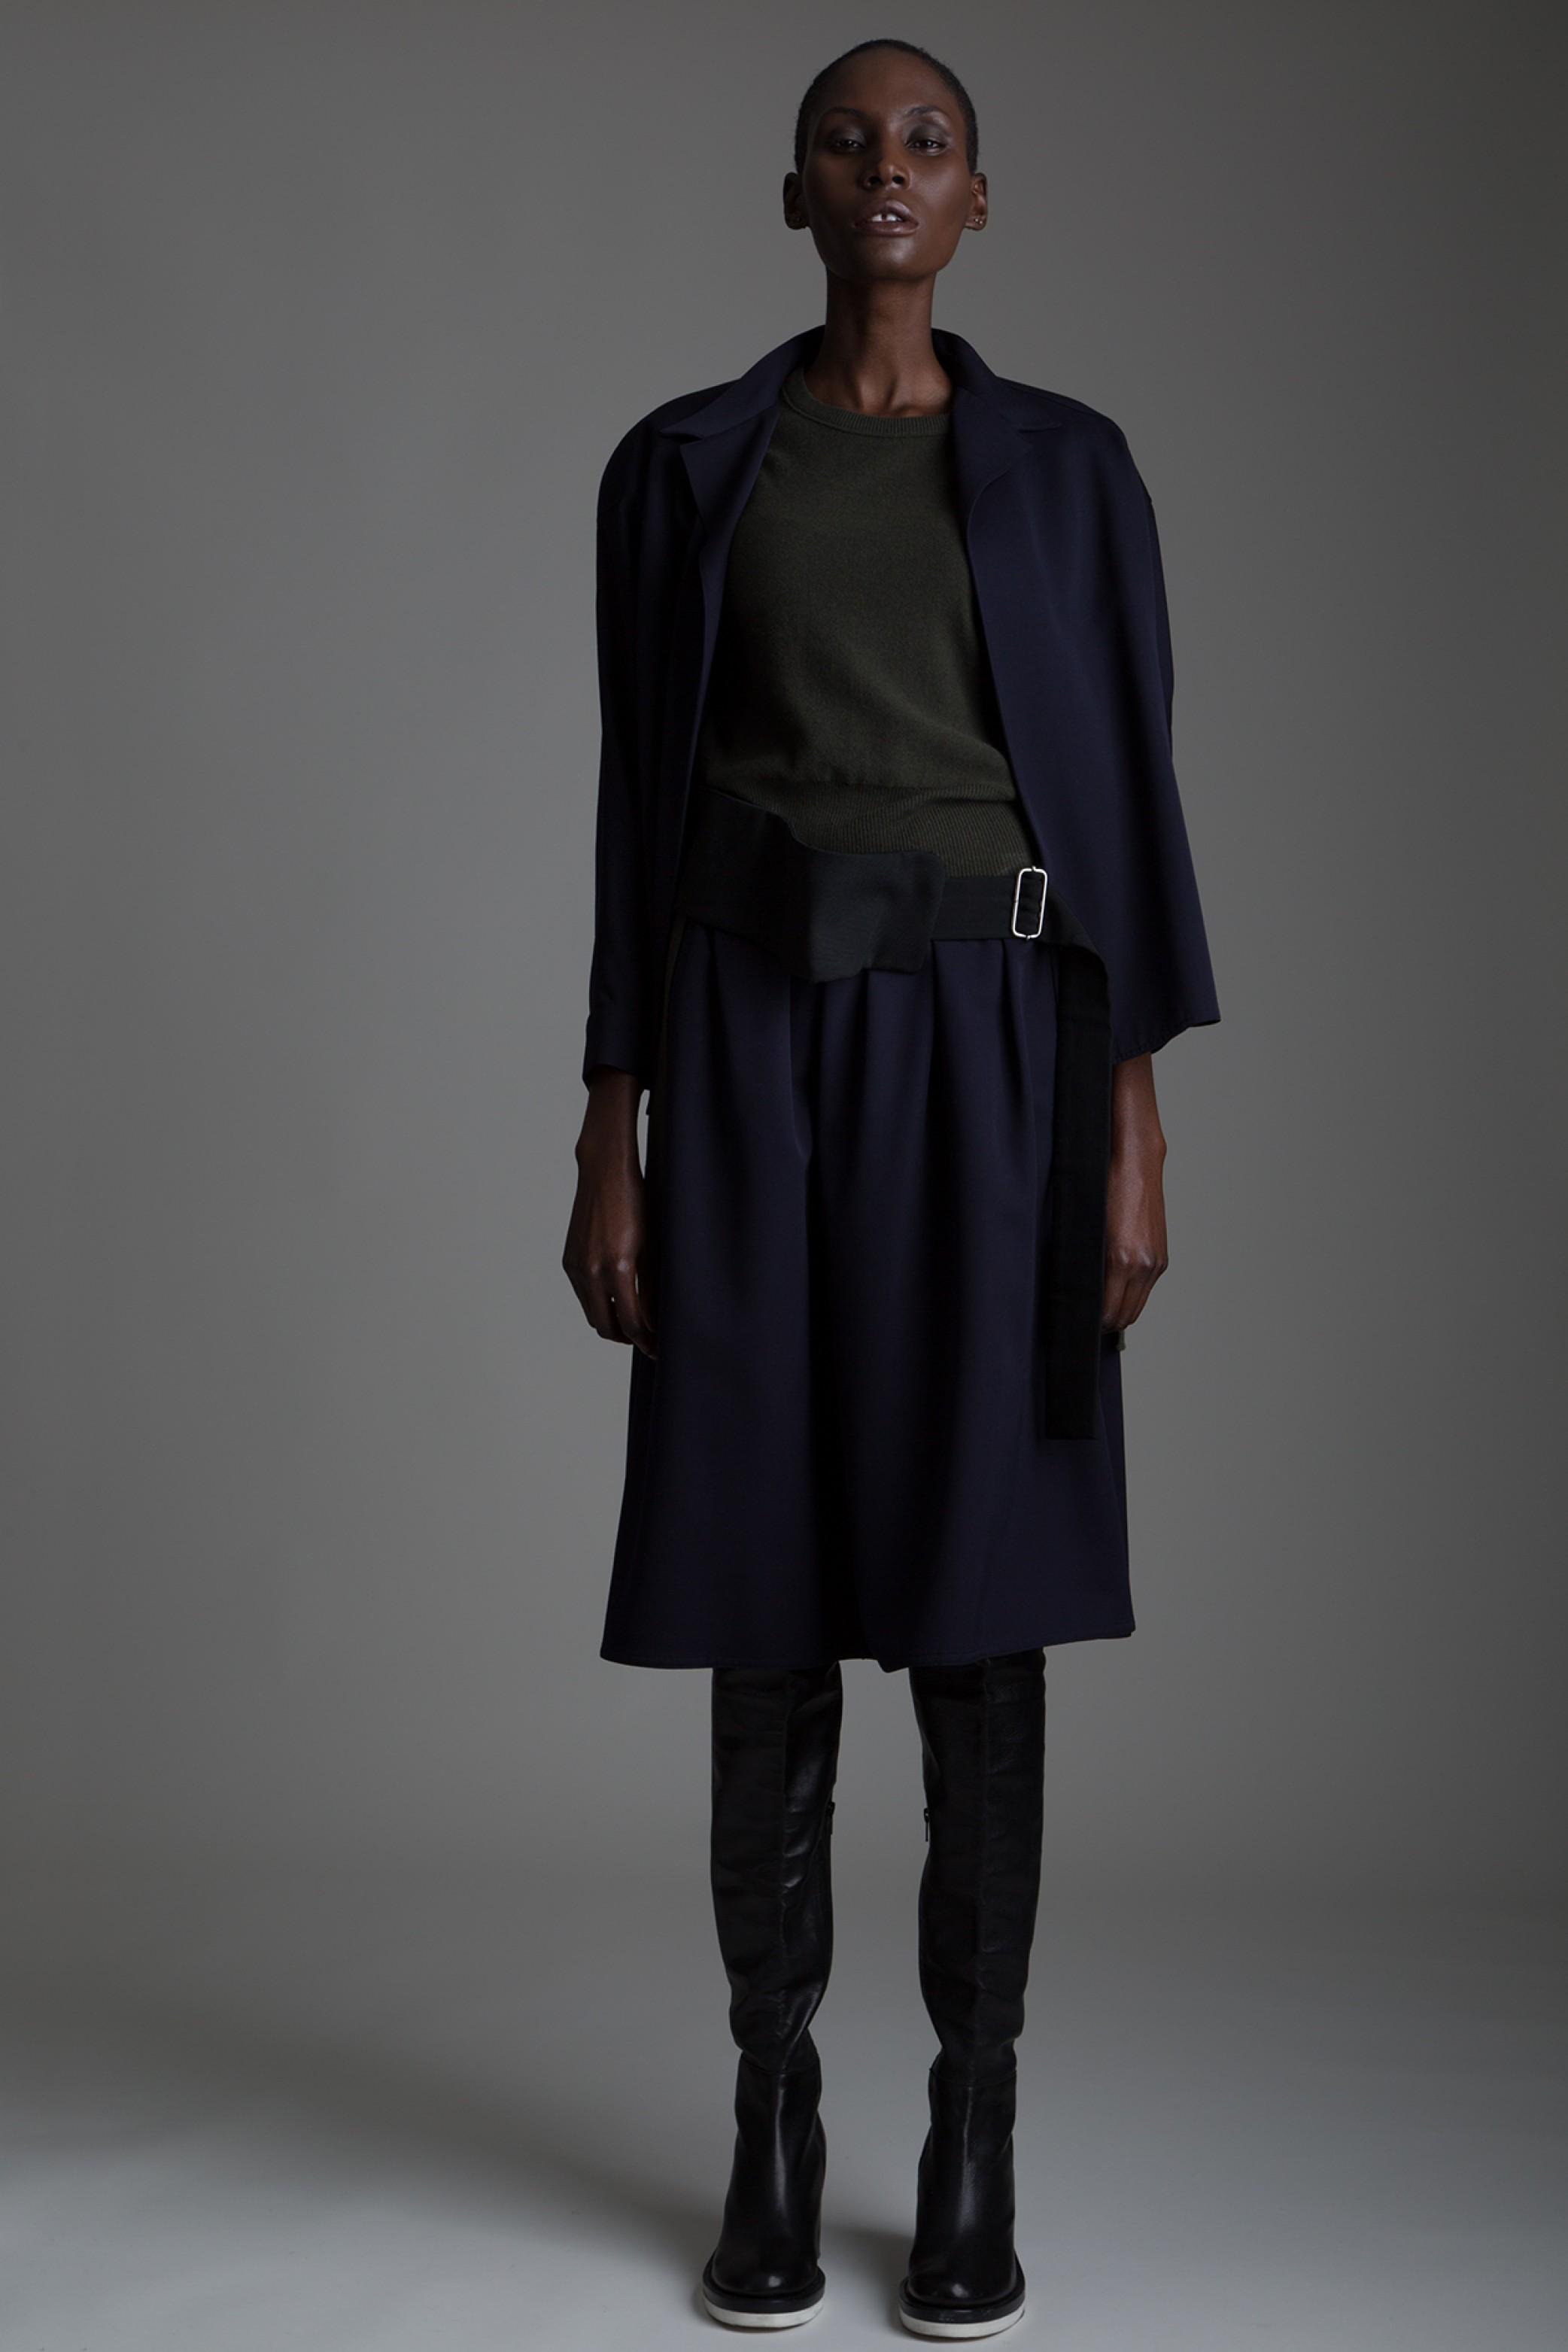 Vintage Fendi Jacket and Skirt Set